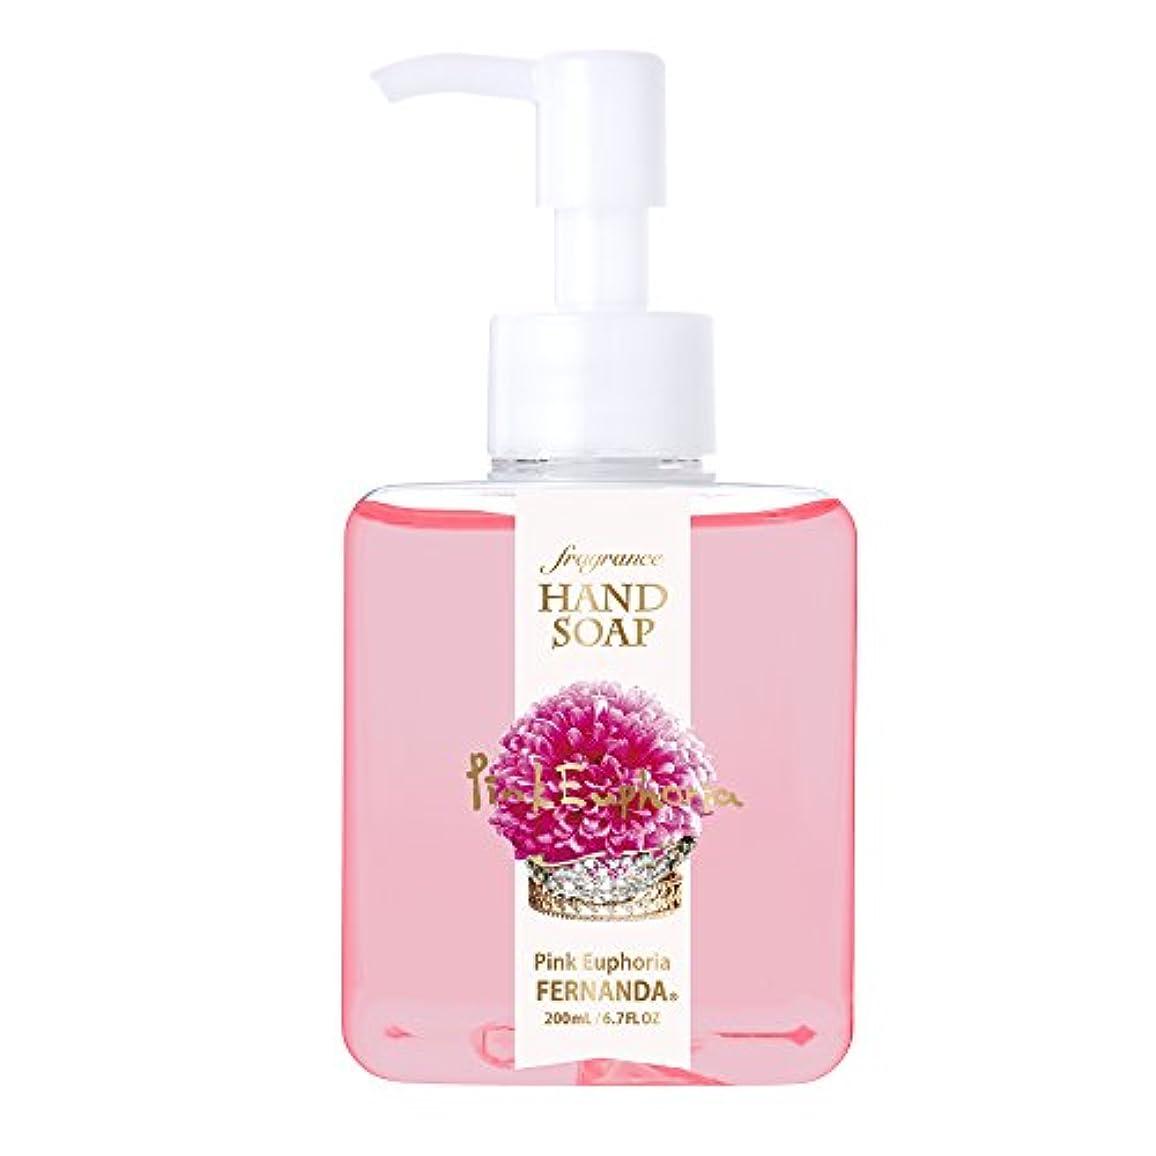 講師誤解を招く気味の悪いFERNANDA(フェルナンダ) Fragrance Hand Soap Pink Euphoria (ハンドソープ ピンクエウフォリア)